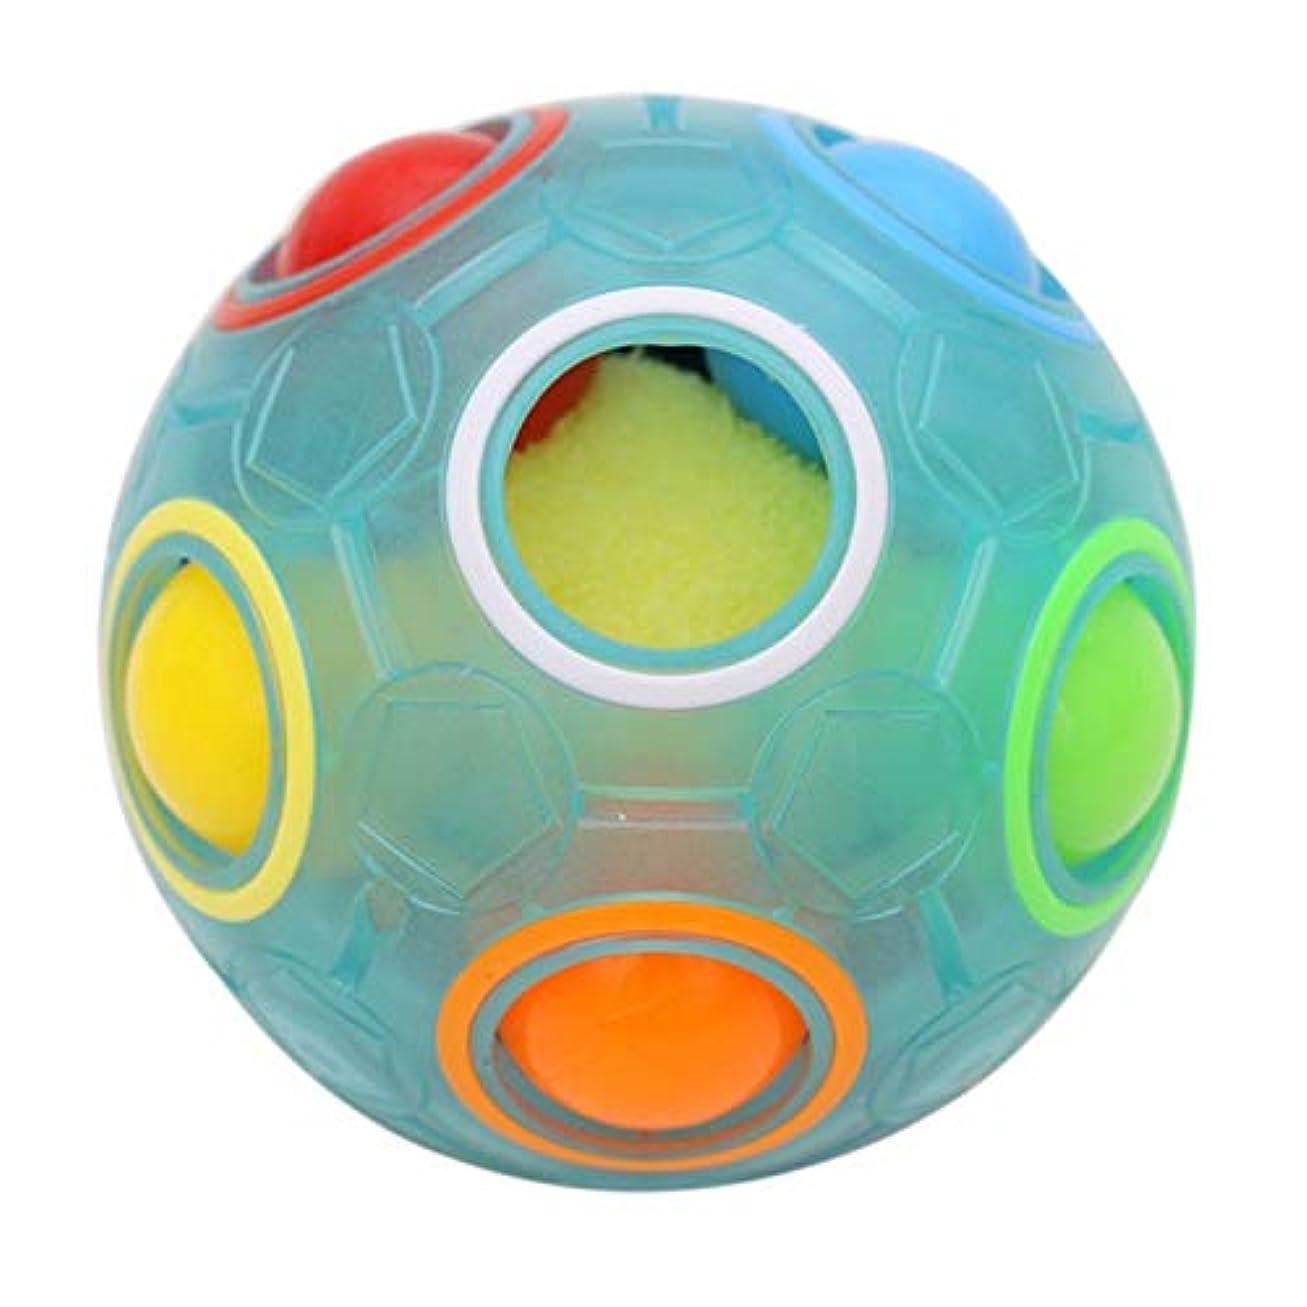 広告主時間請求可能CRRB 子供のおもちゃ解凍ルービックキューブマジックレインボーボールクリエイティブフィンガーサッカーソリッドカラーヌードパズル (Color : B, Size : L)